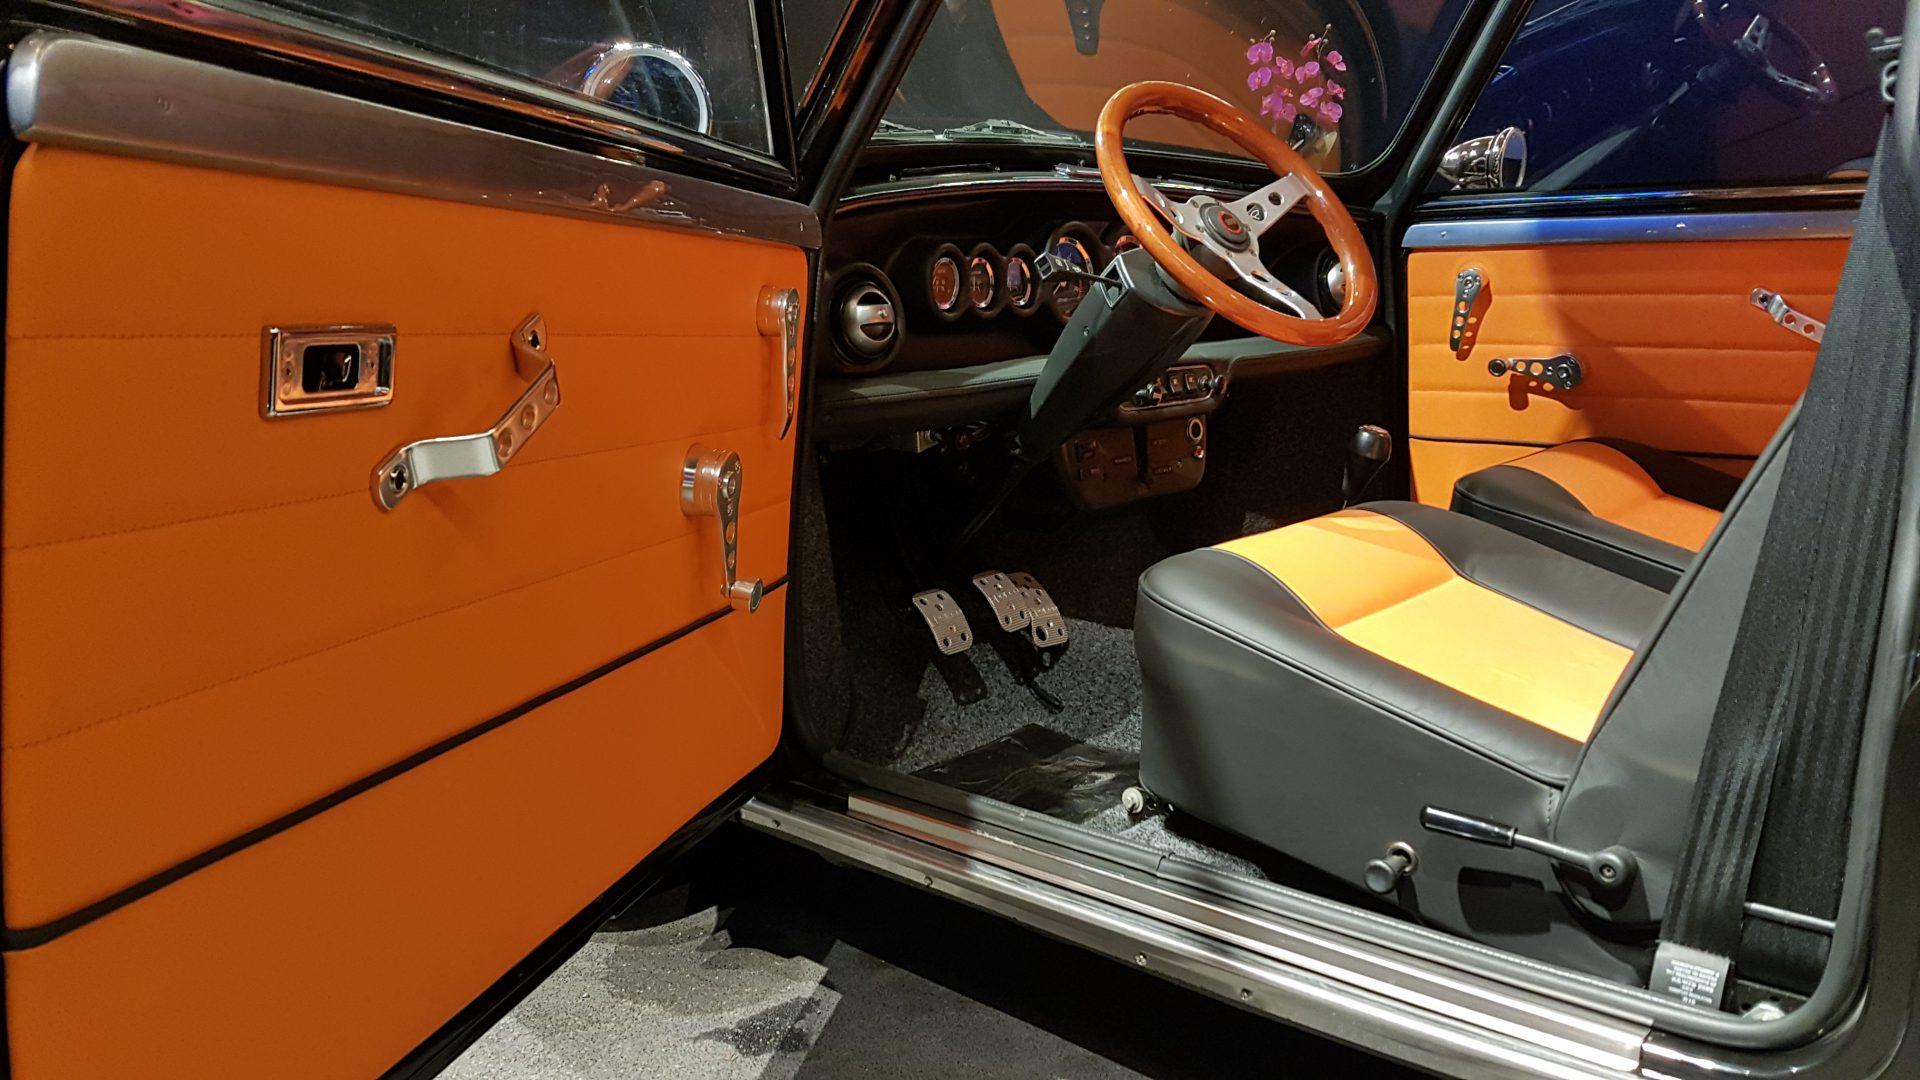 AIL MINI Leyland Innocenti Mini Cooper 1300 1